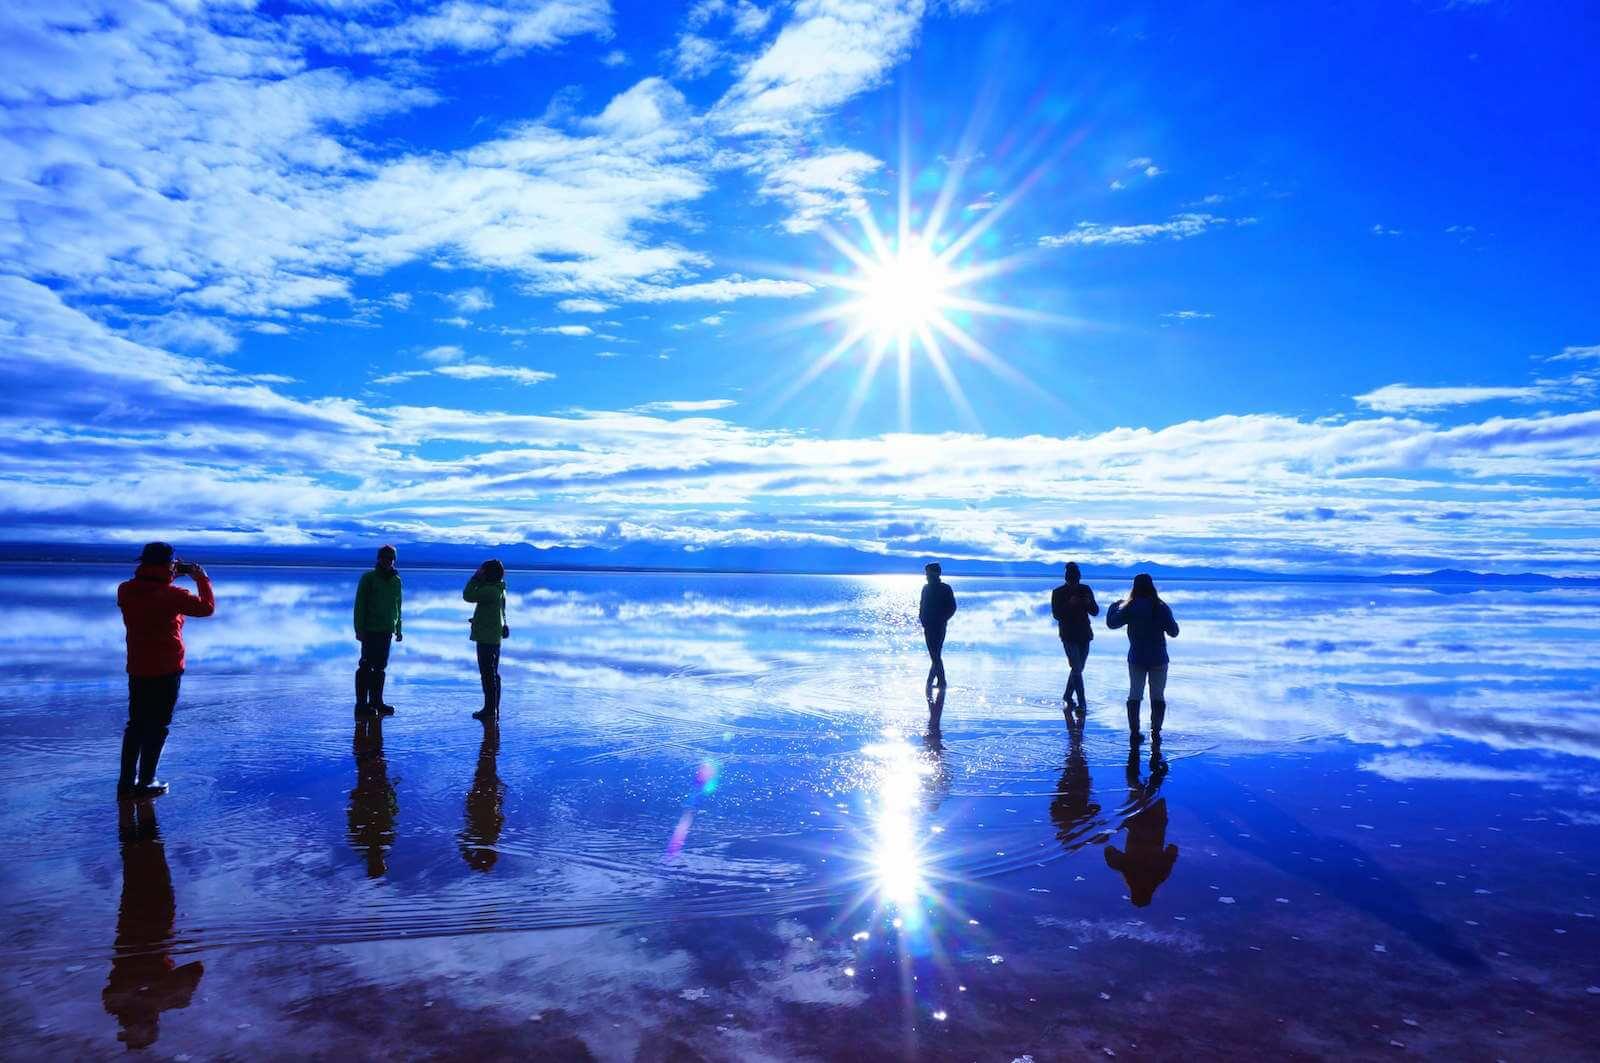 2017年のウユニ塩湖・新月星空ツアーについて